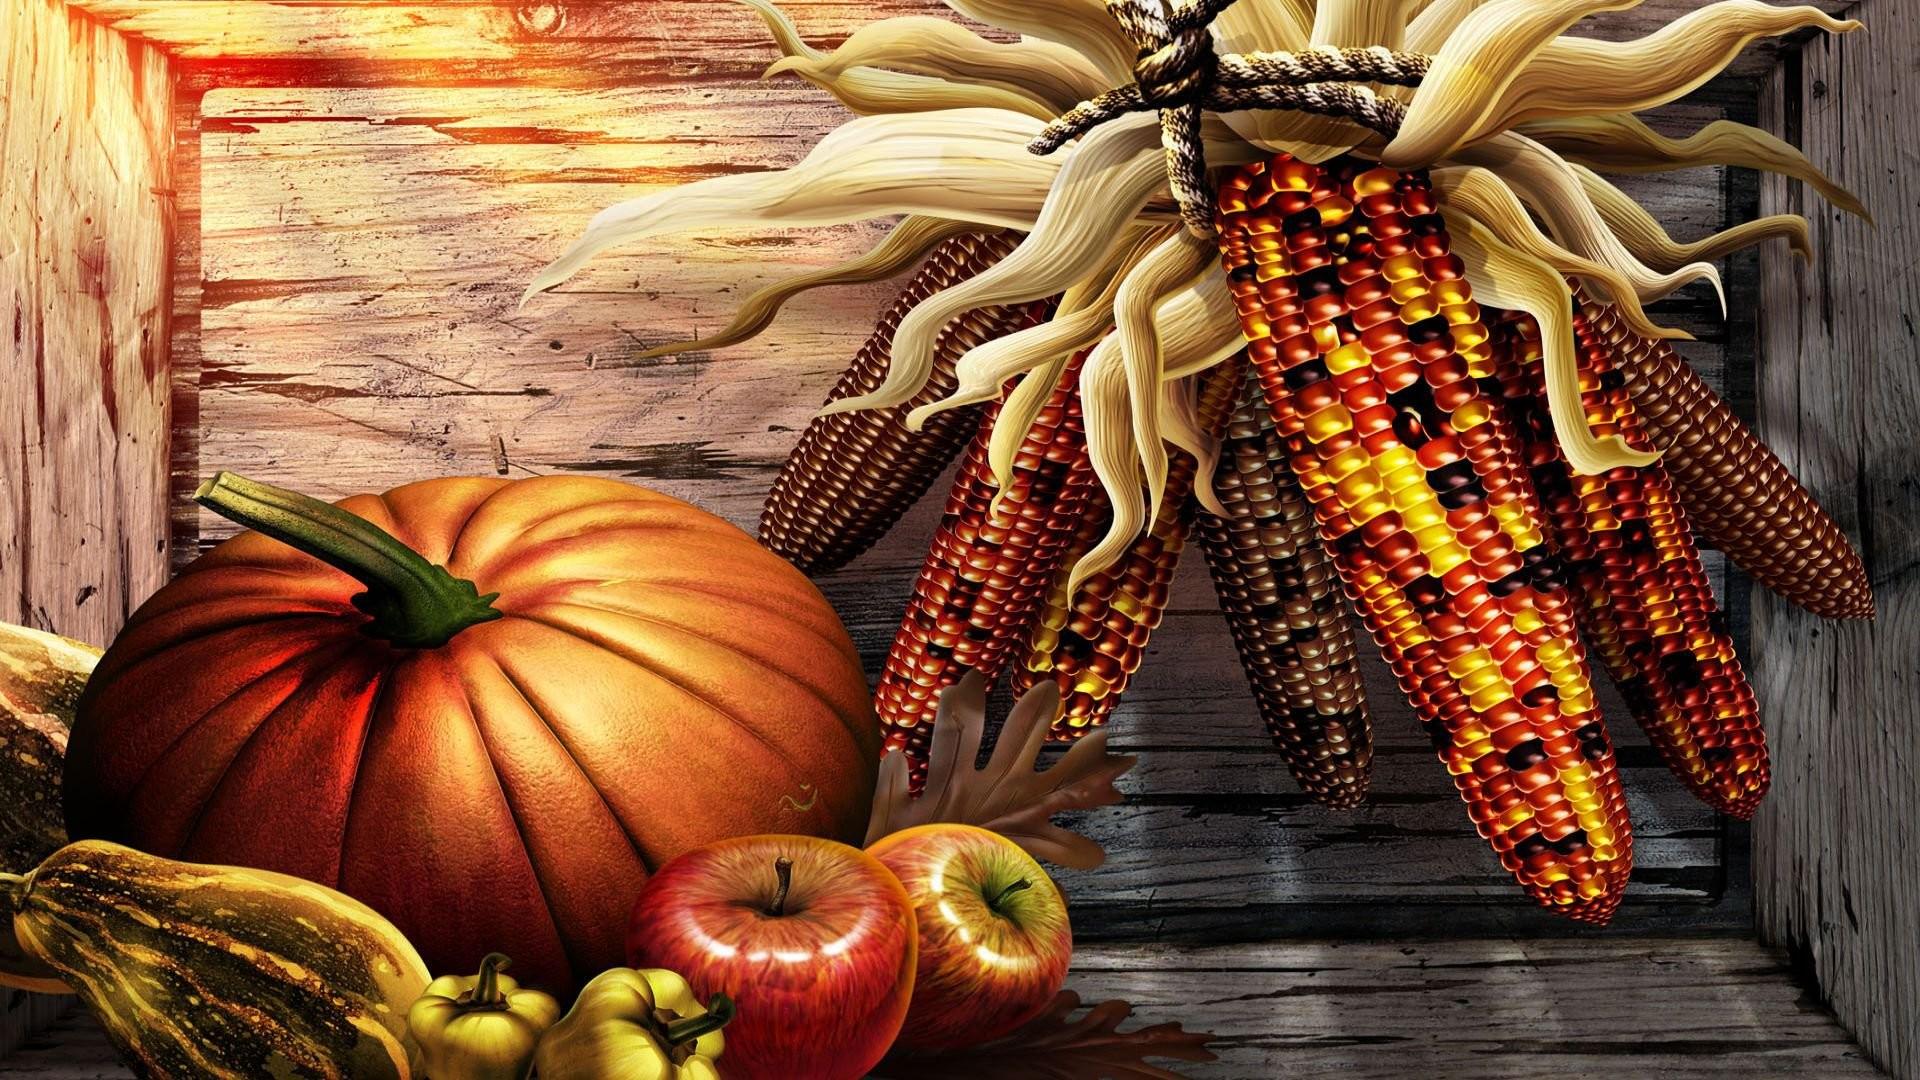 5. thanksgiving wallpaper free5